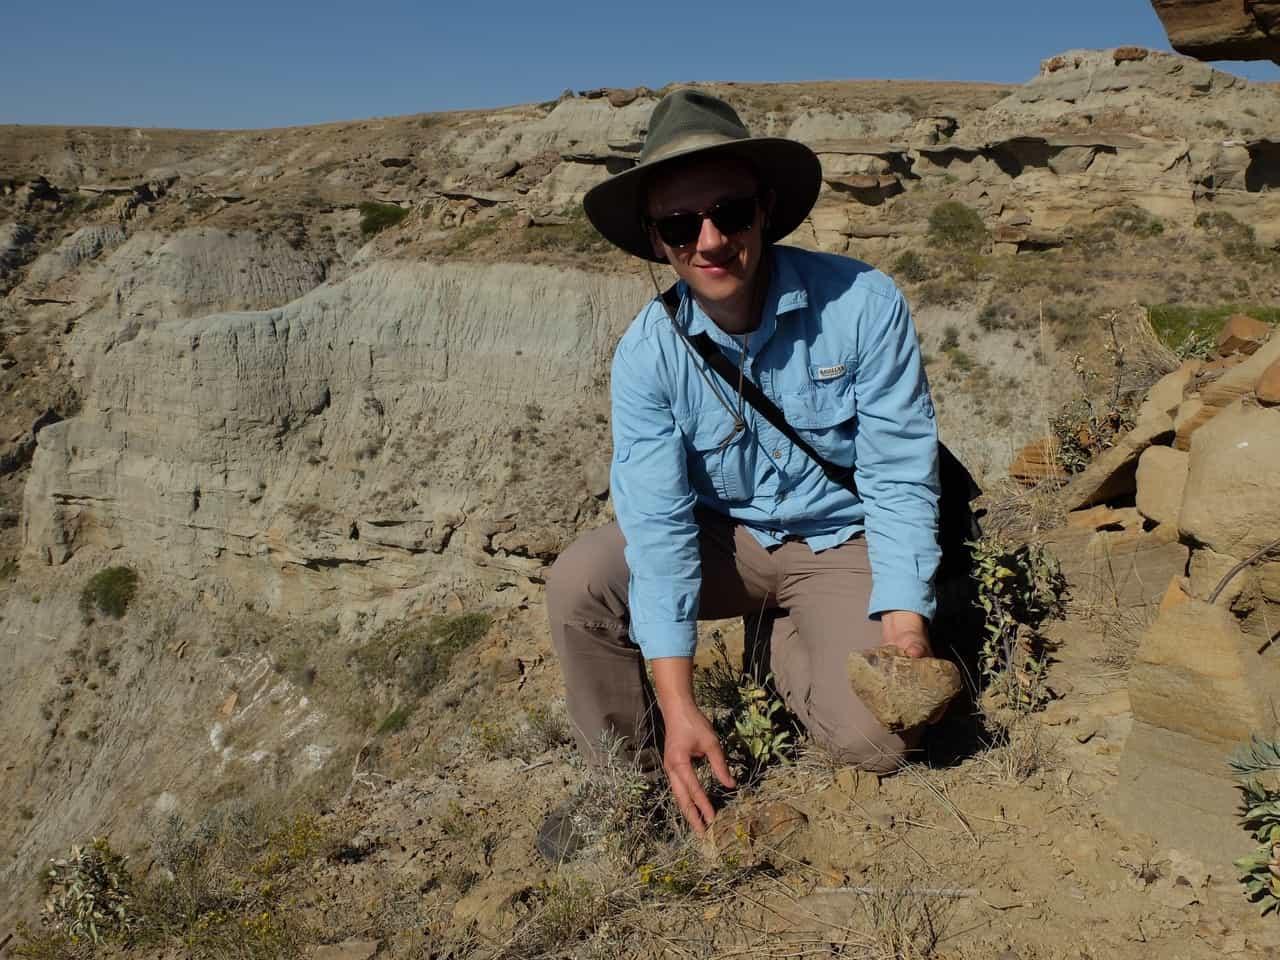 Foto van de maand: paleontoloog gespot